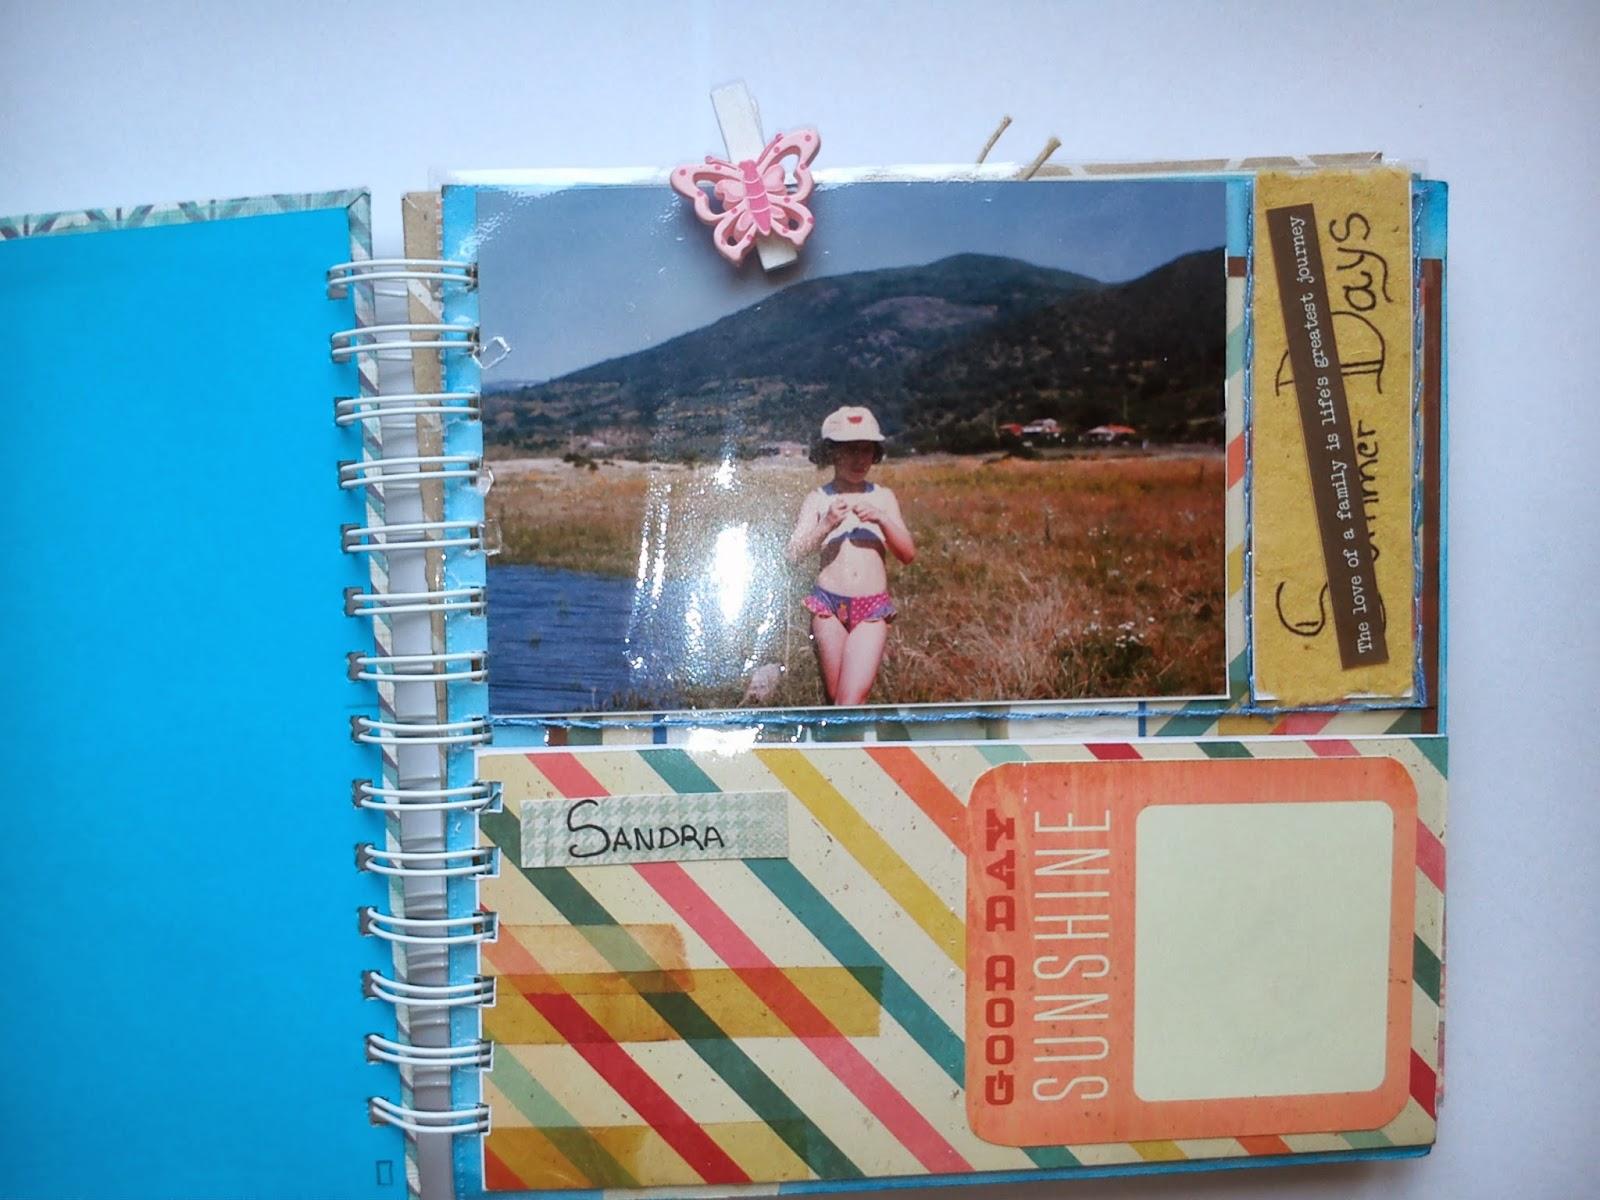 Mis siete palabras lbum del curso de scrapbooking - Hacer un album de fotos casero ...